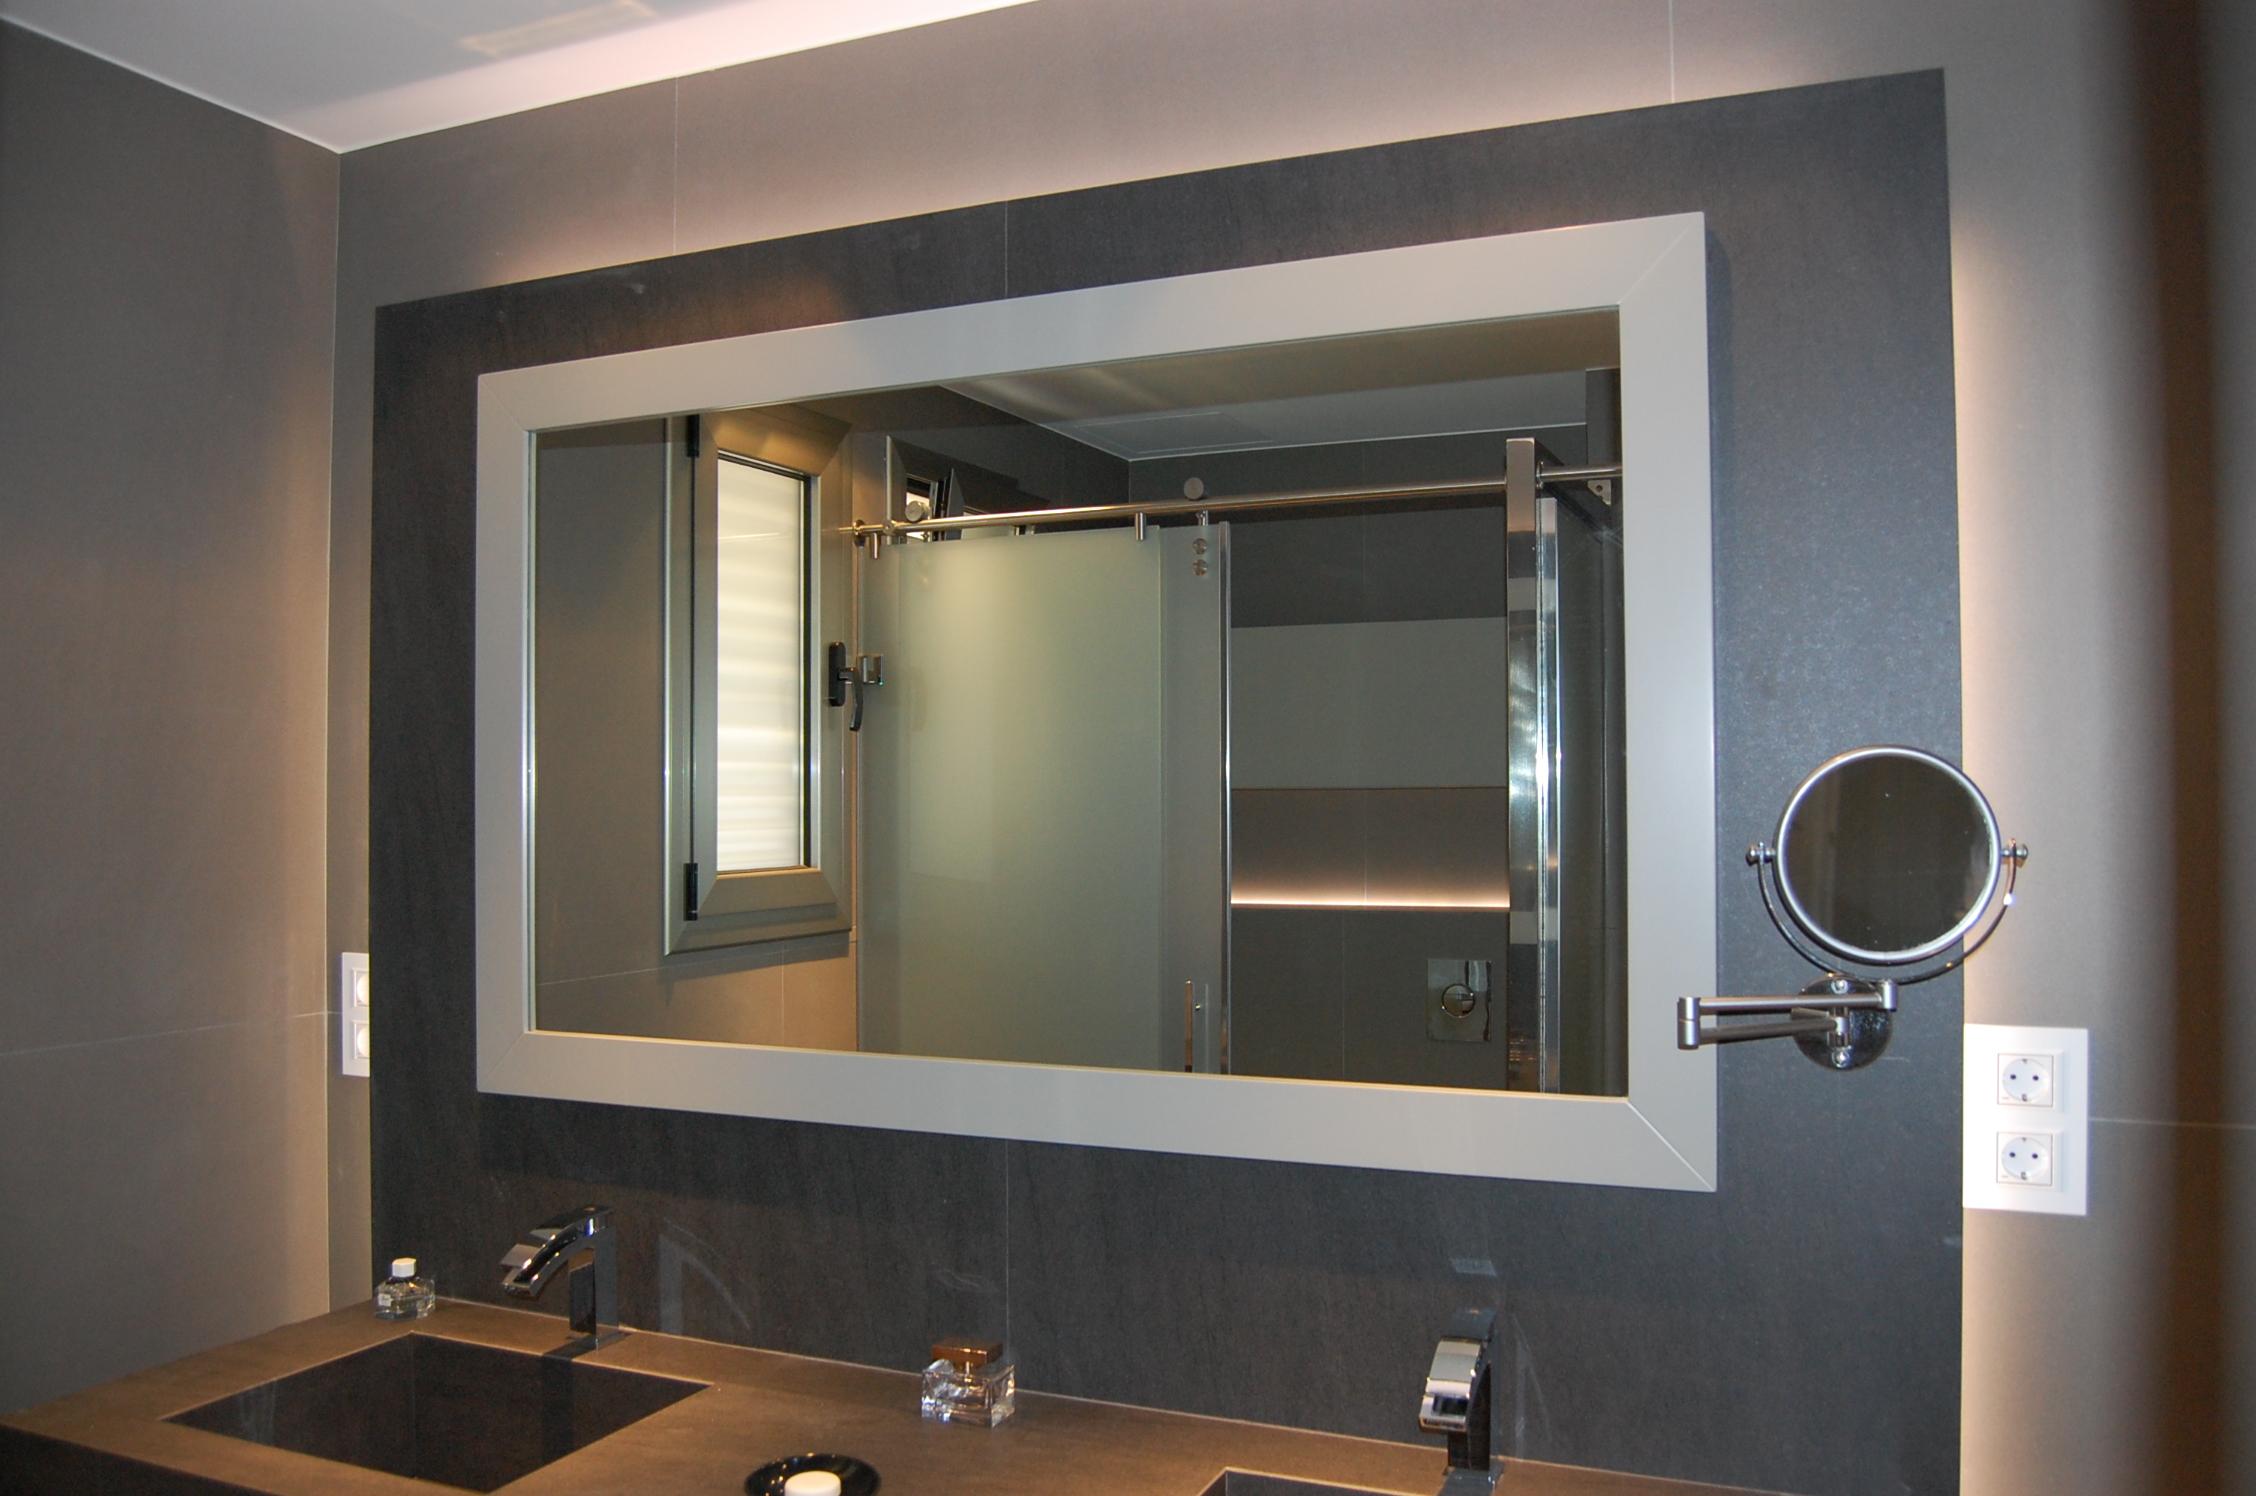 Iluminacion Estanca Baño:El gran olvidado de la decoración: el baño